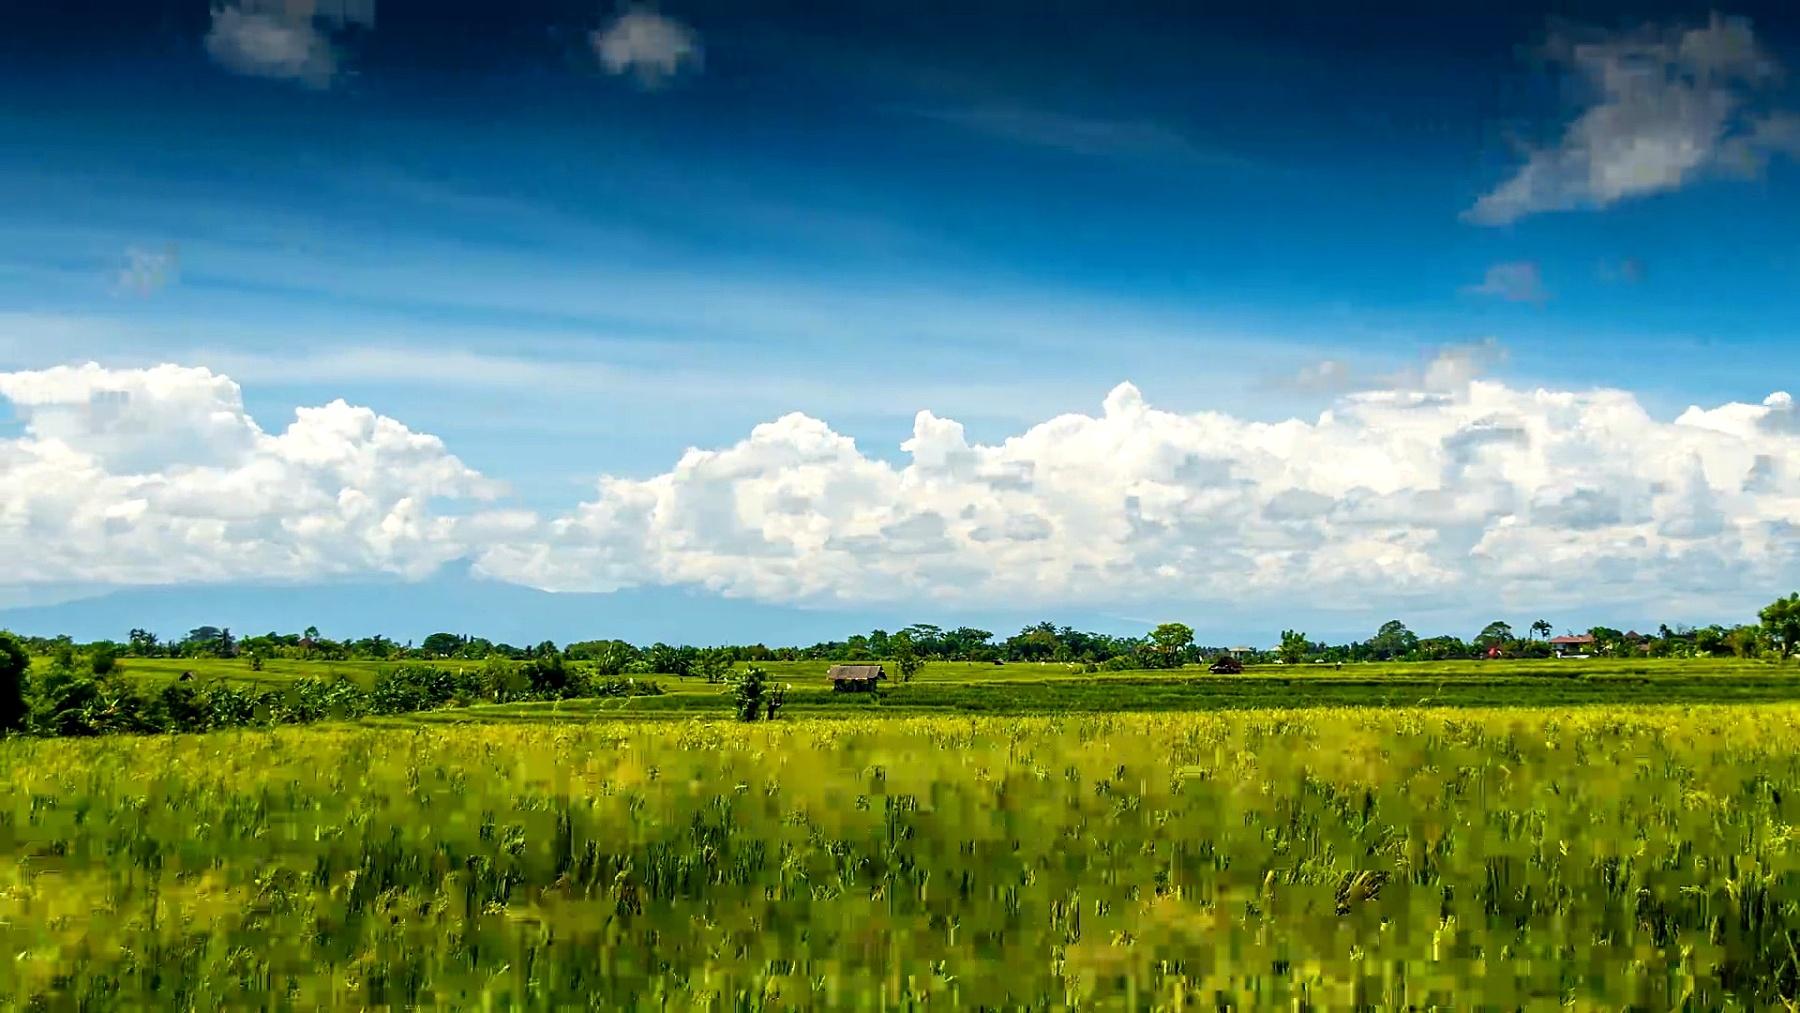 云下绿色稻田时光流逝